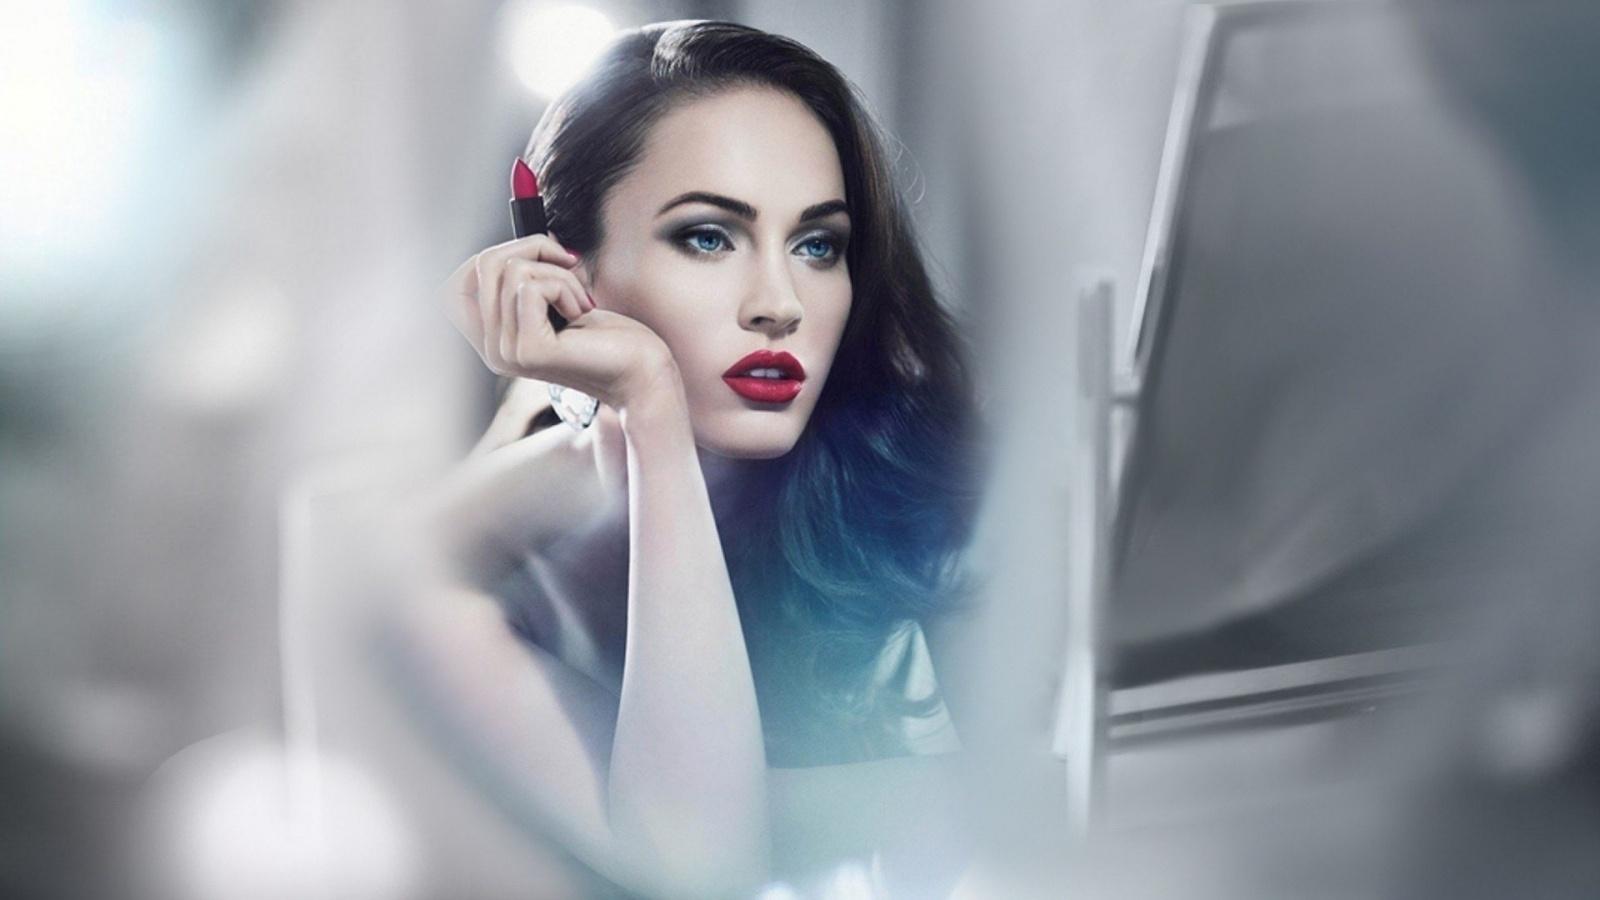 Best Desktop HD Wallpaper - cute girl face wallpapers